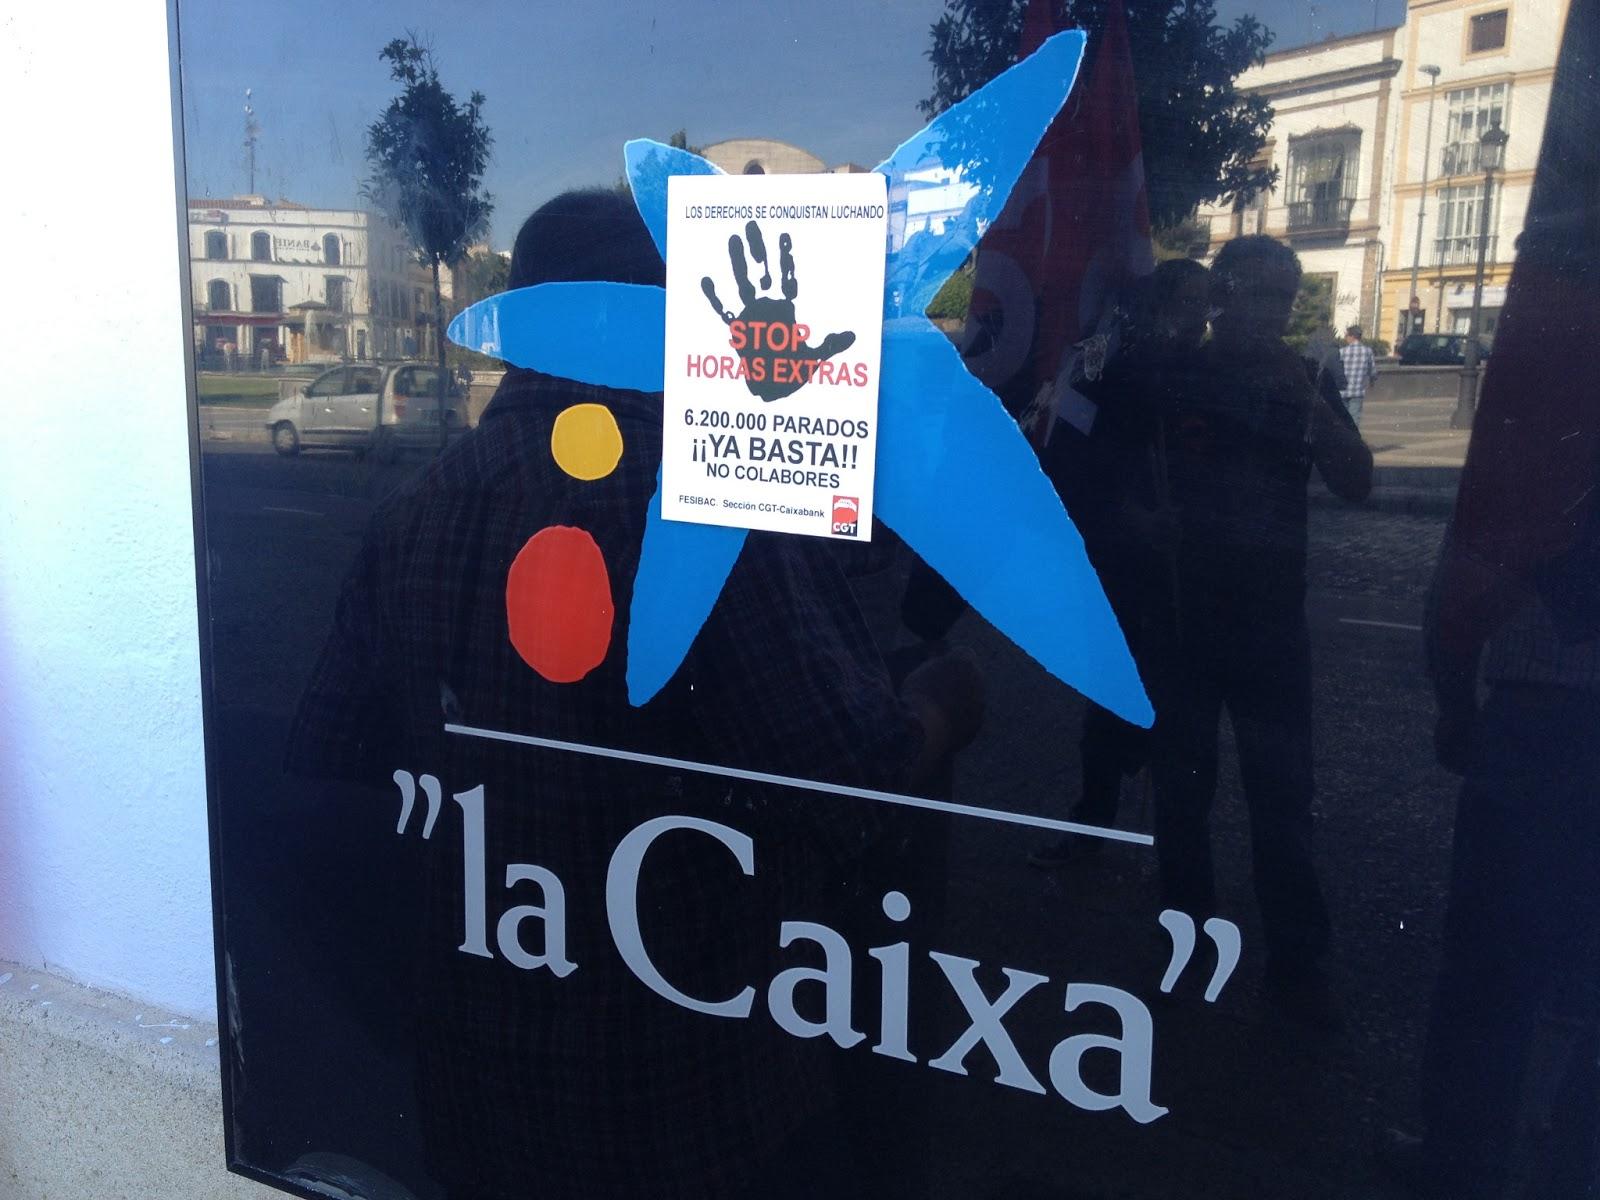 Comunicado cgt todo un desproposito contra la libertad for Localizador de oficinas la caixa